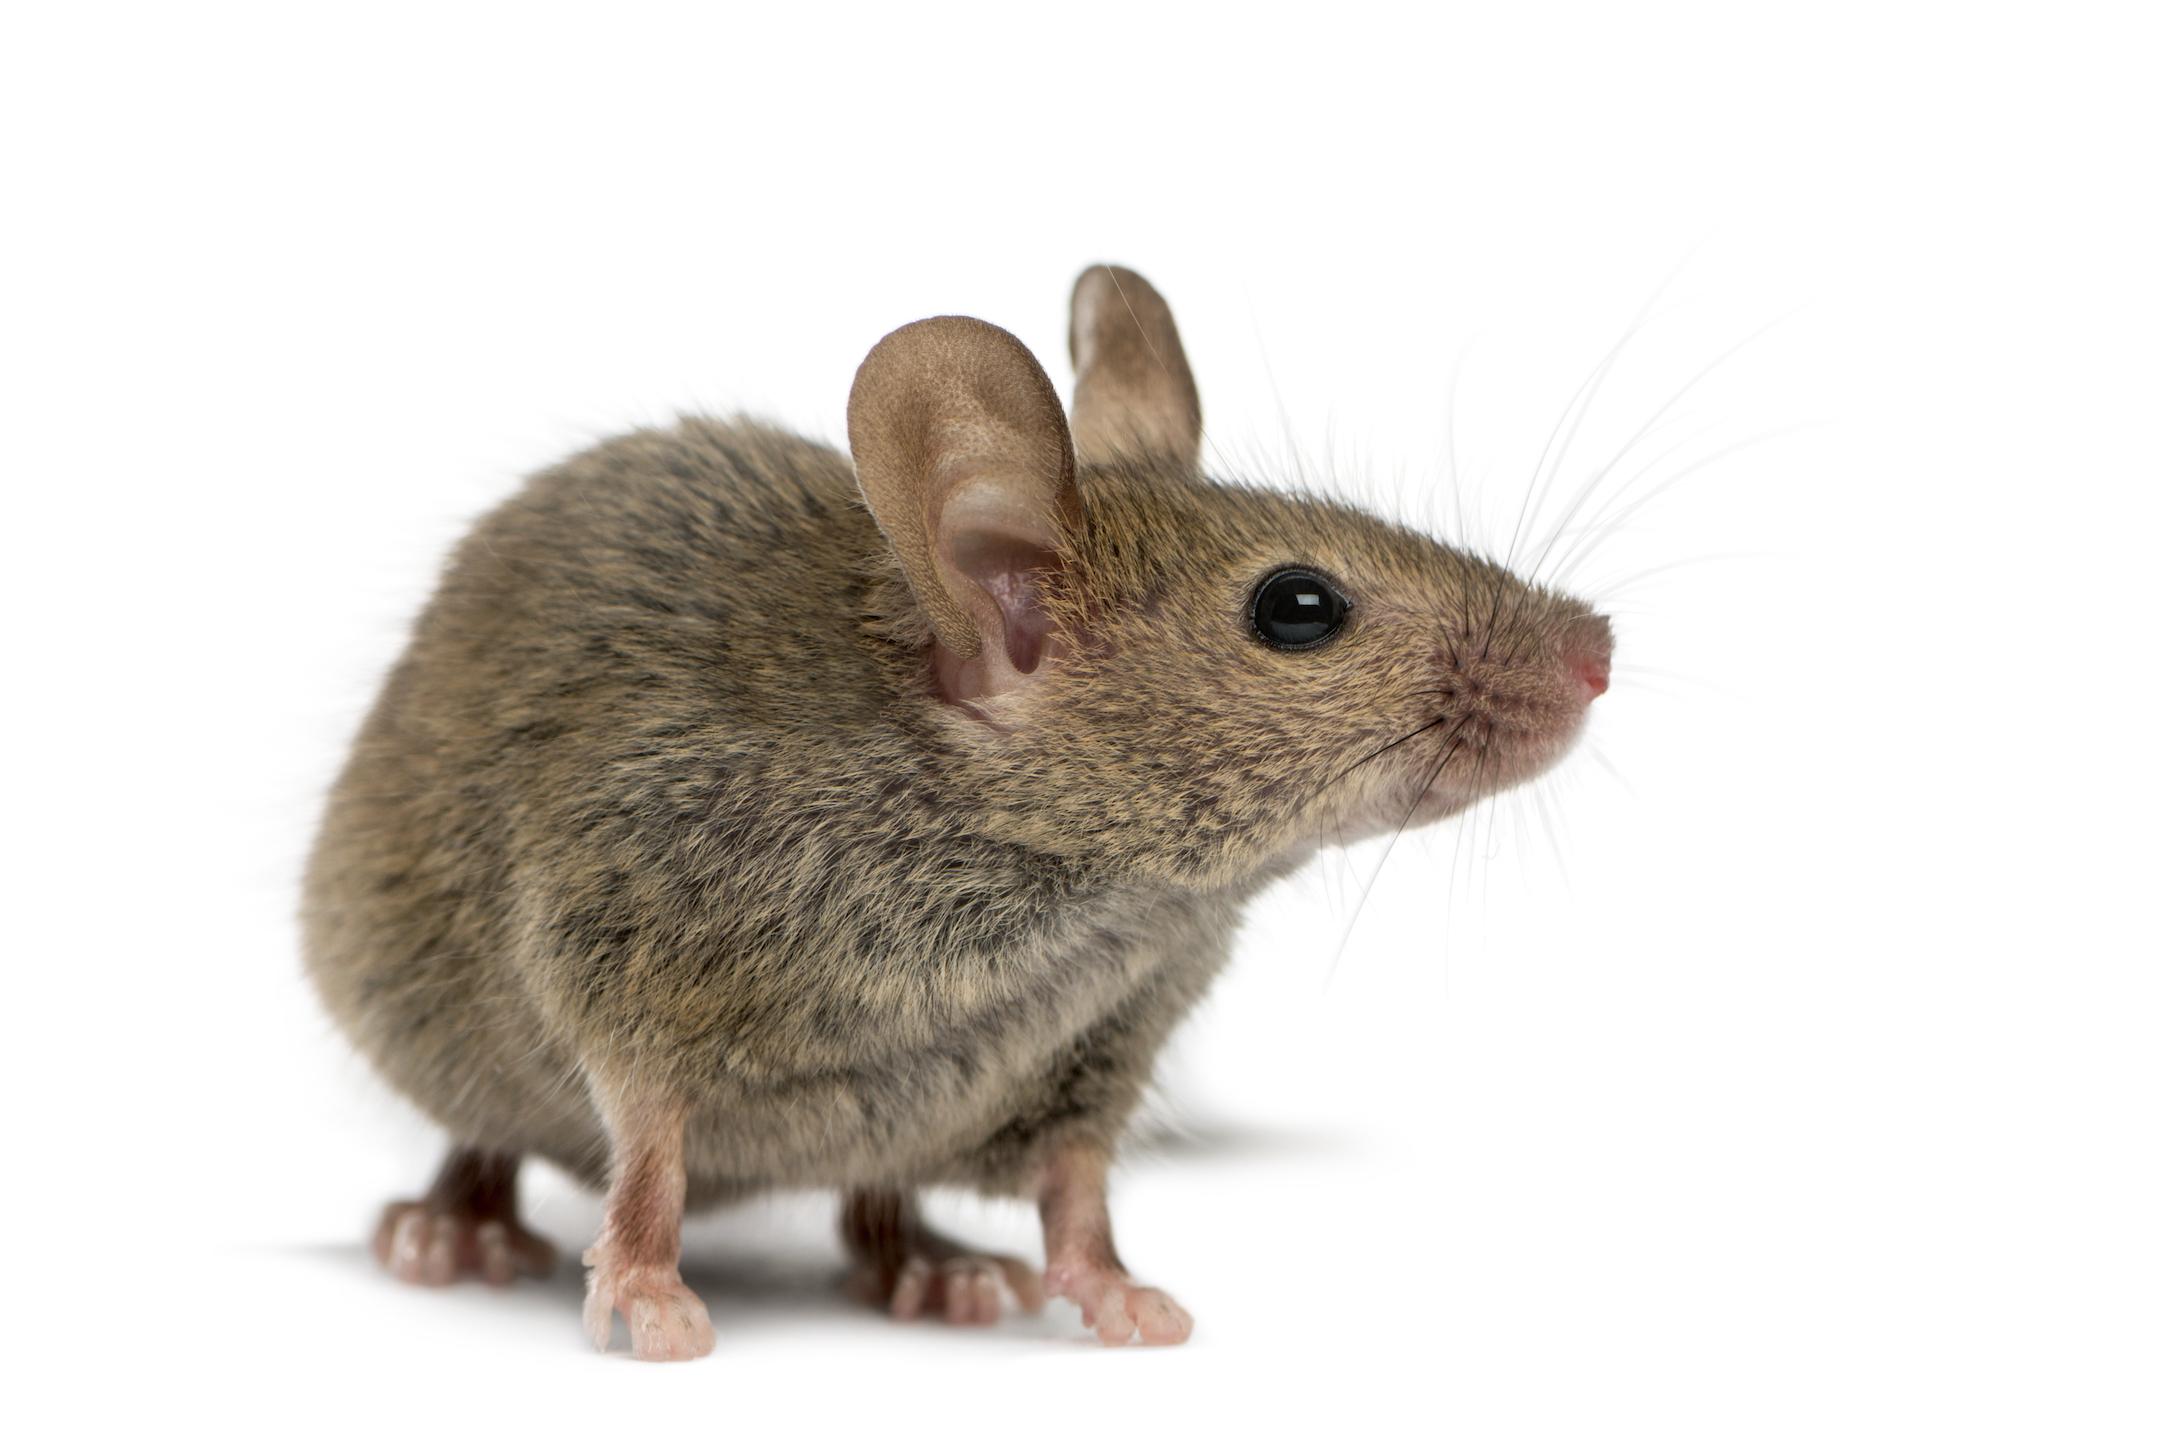 Comment prévenir les infestations de souris?